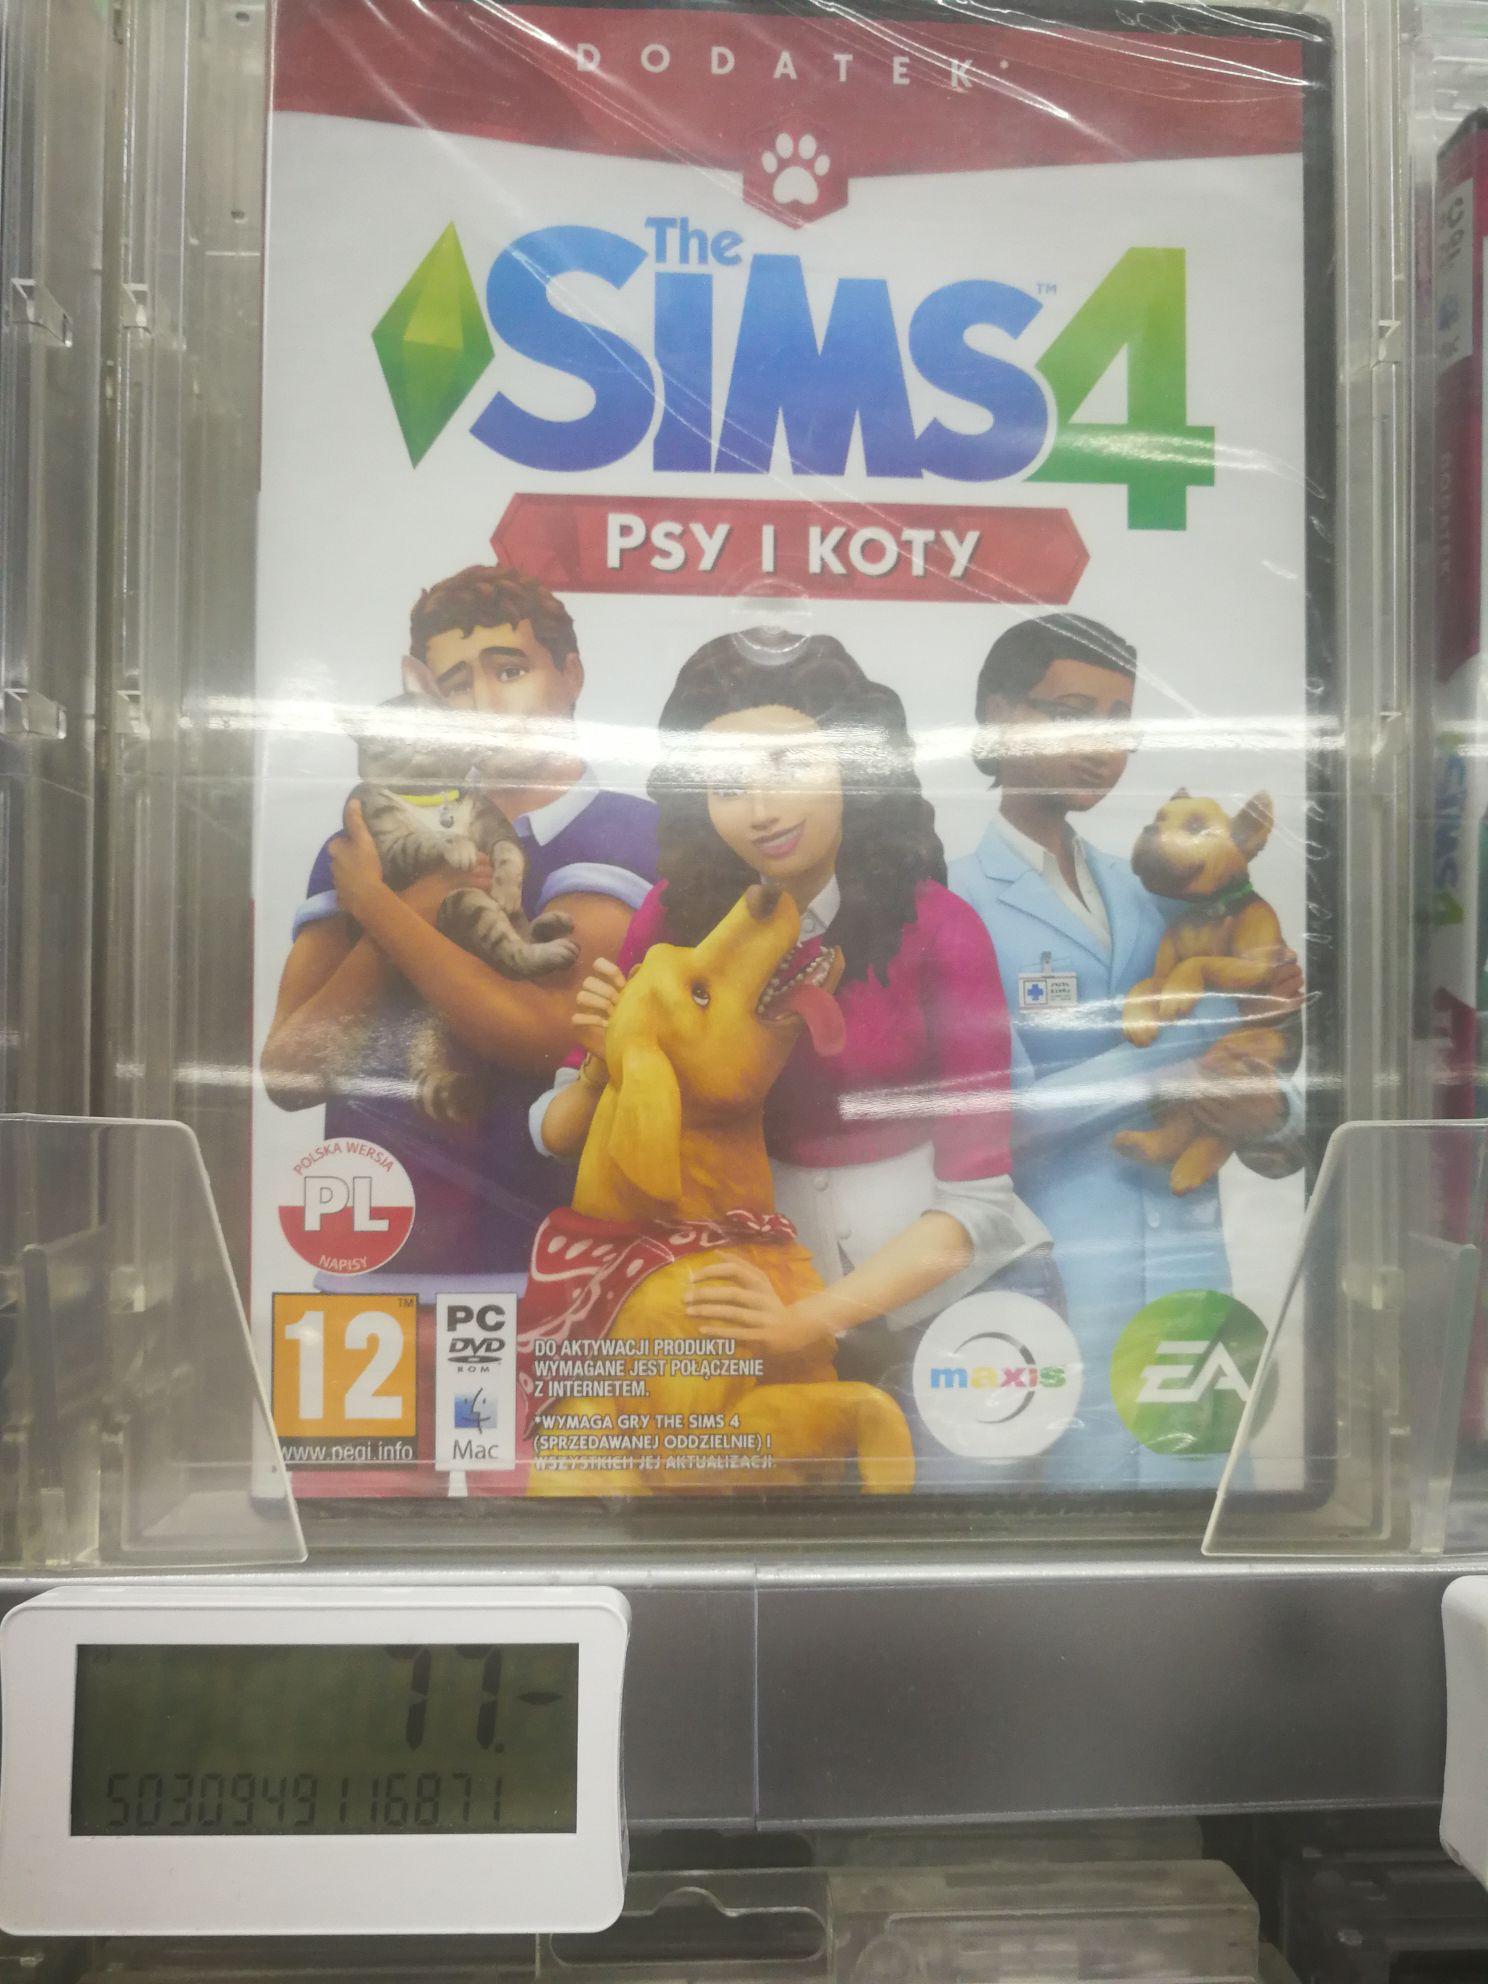 The Sims (psy i koty)